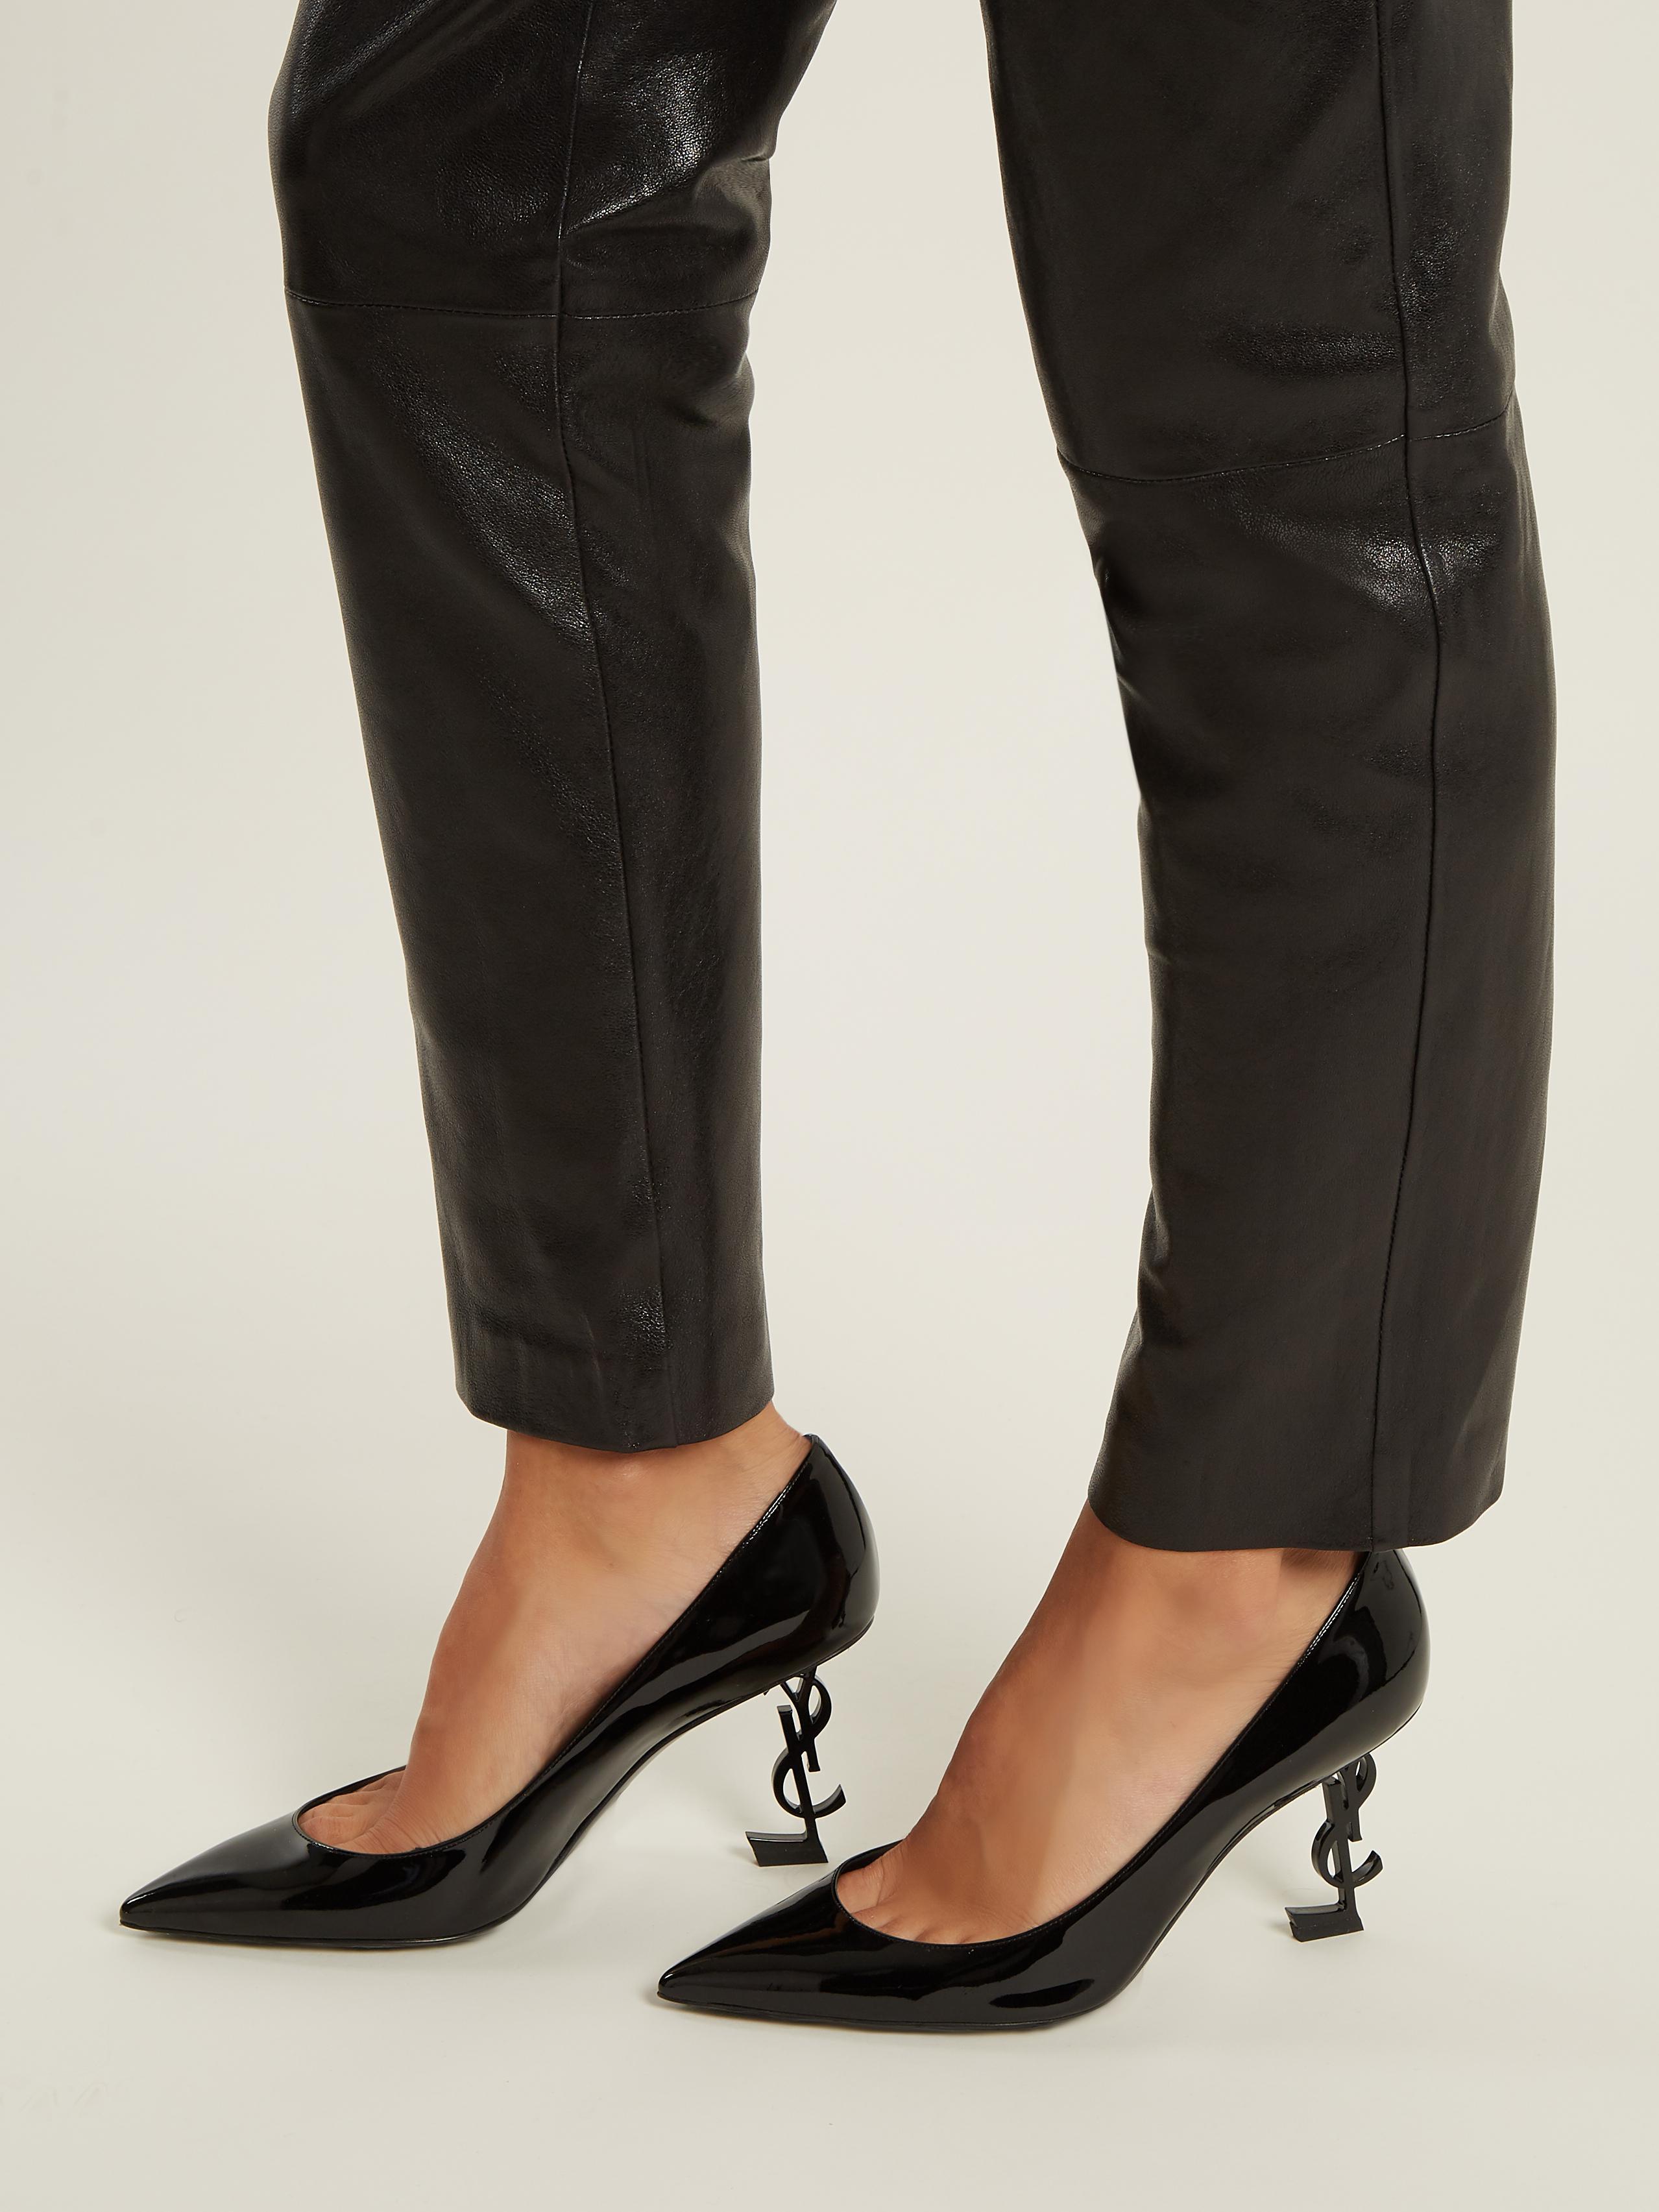 Opyum logo-heel leather pumps Saint Laurent mmegt07J3L